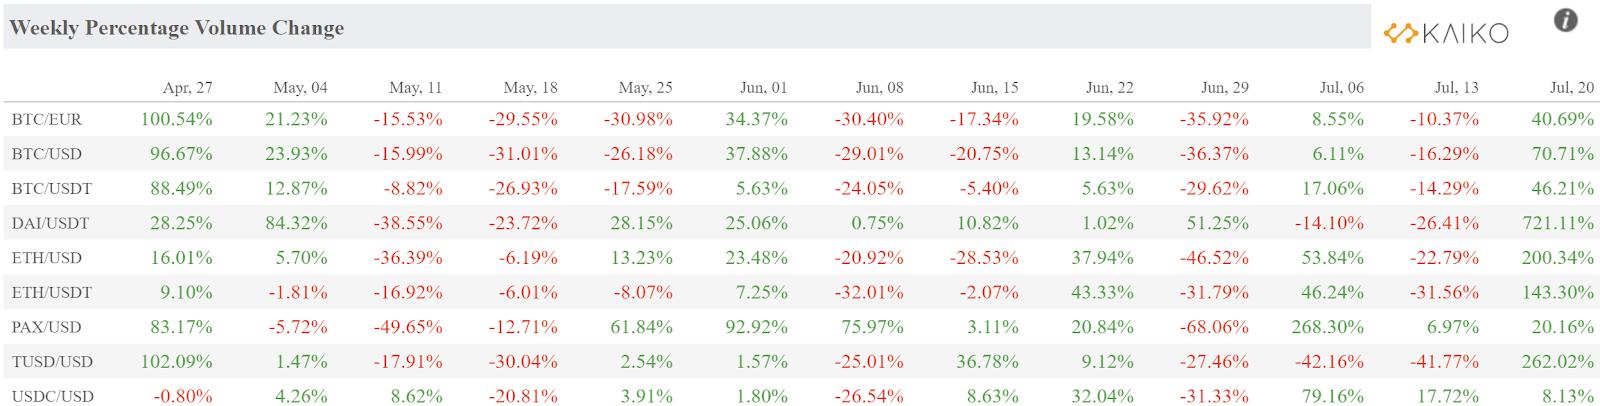 Weekly percentage change in volume